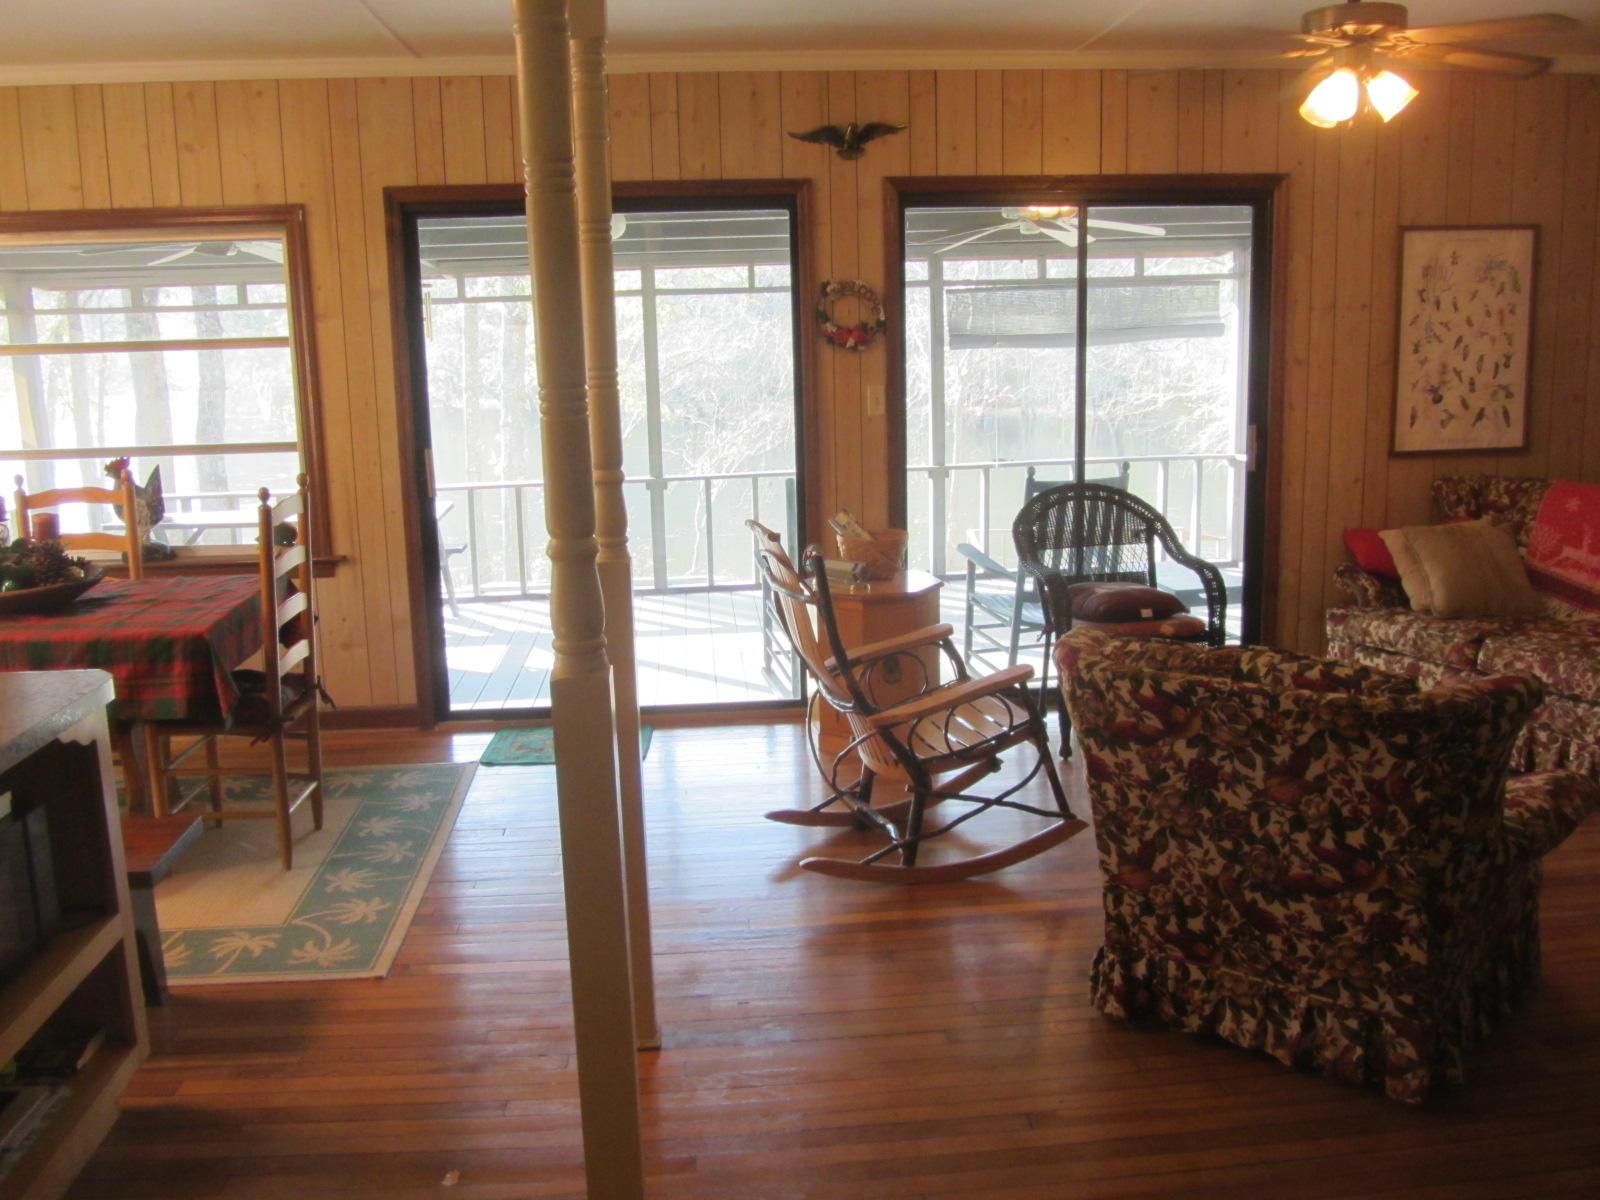 Edisto River Homes For Sale - 265 Blackwater, Round O, SC - 37